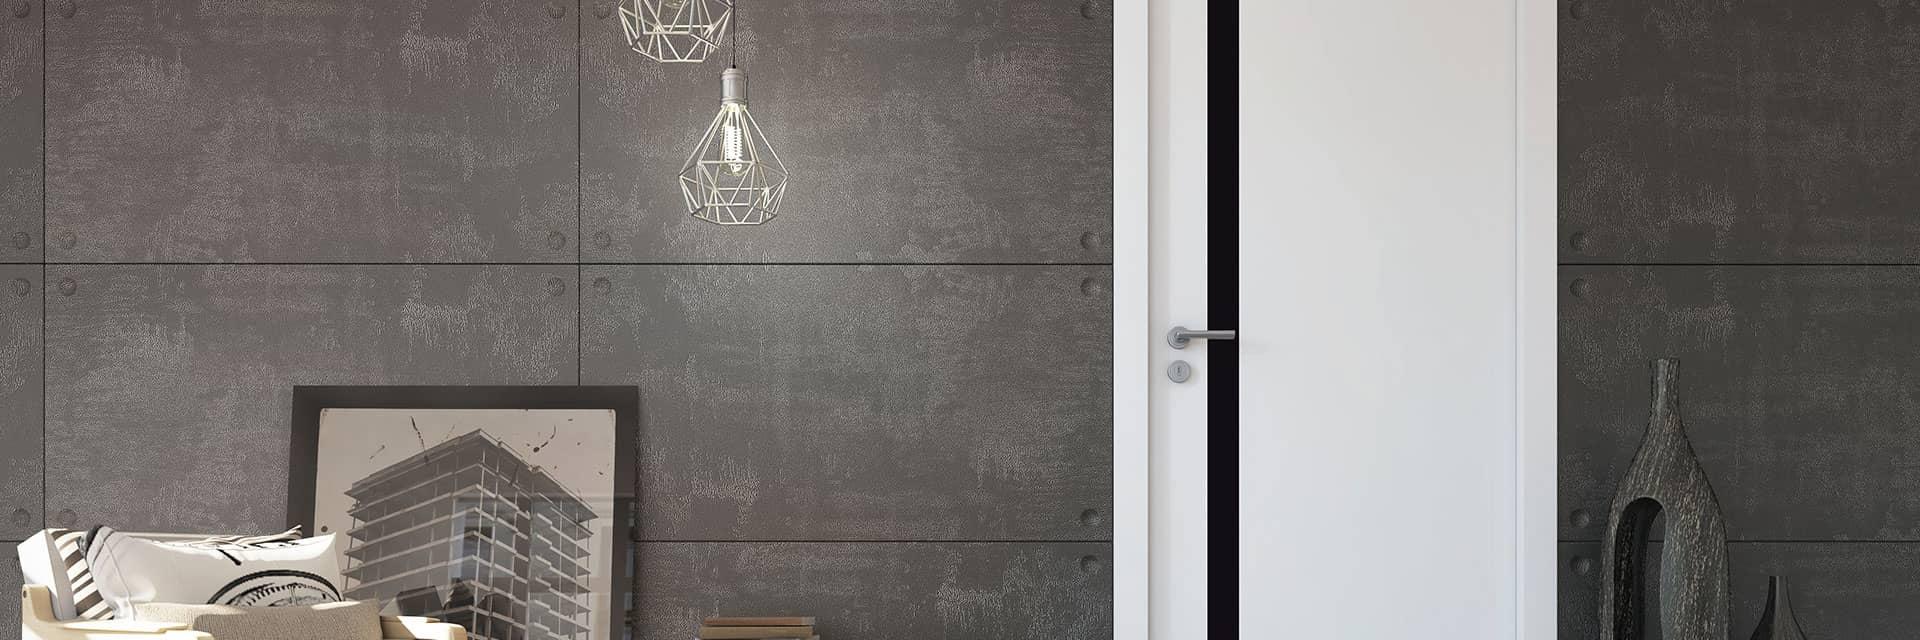 Inteligentny POL-SKONE - drzwi wewnętrzne i zewnętrzne, wejściowe, przesuwne drzwi VZ83